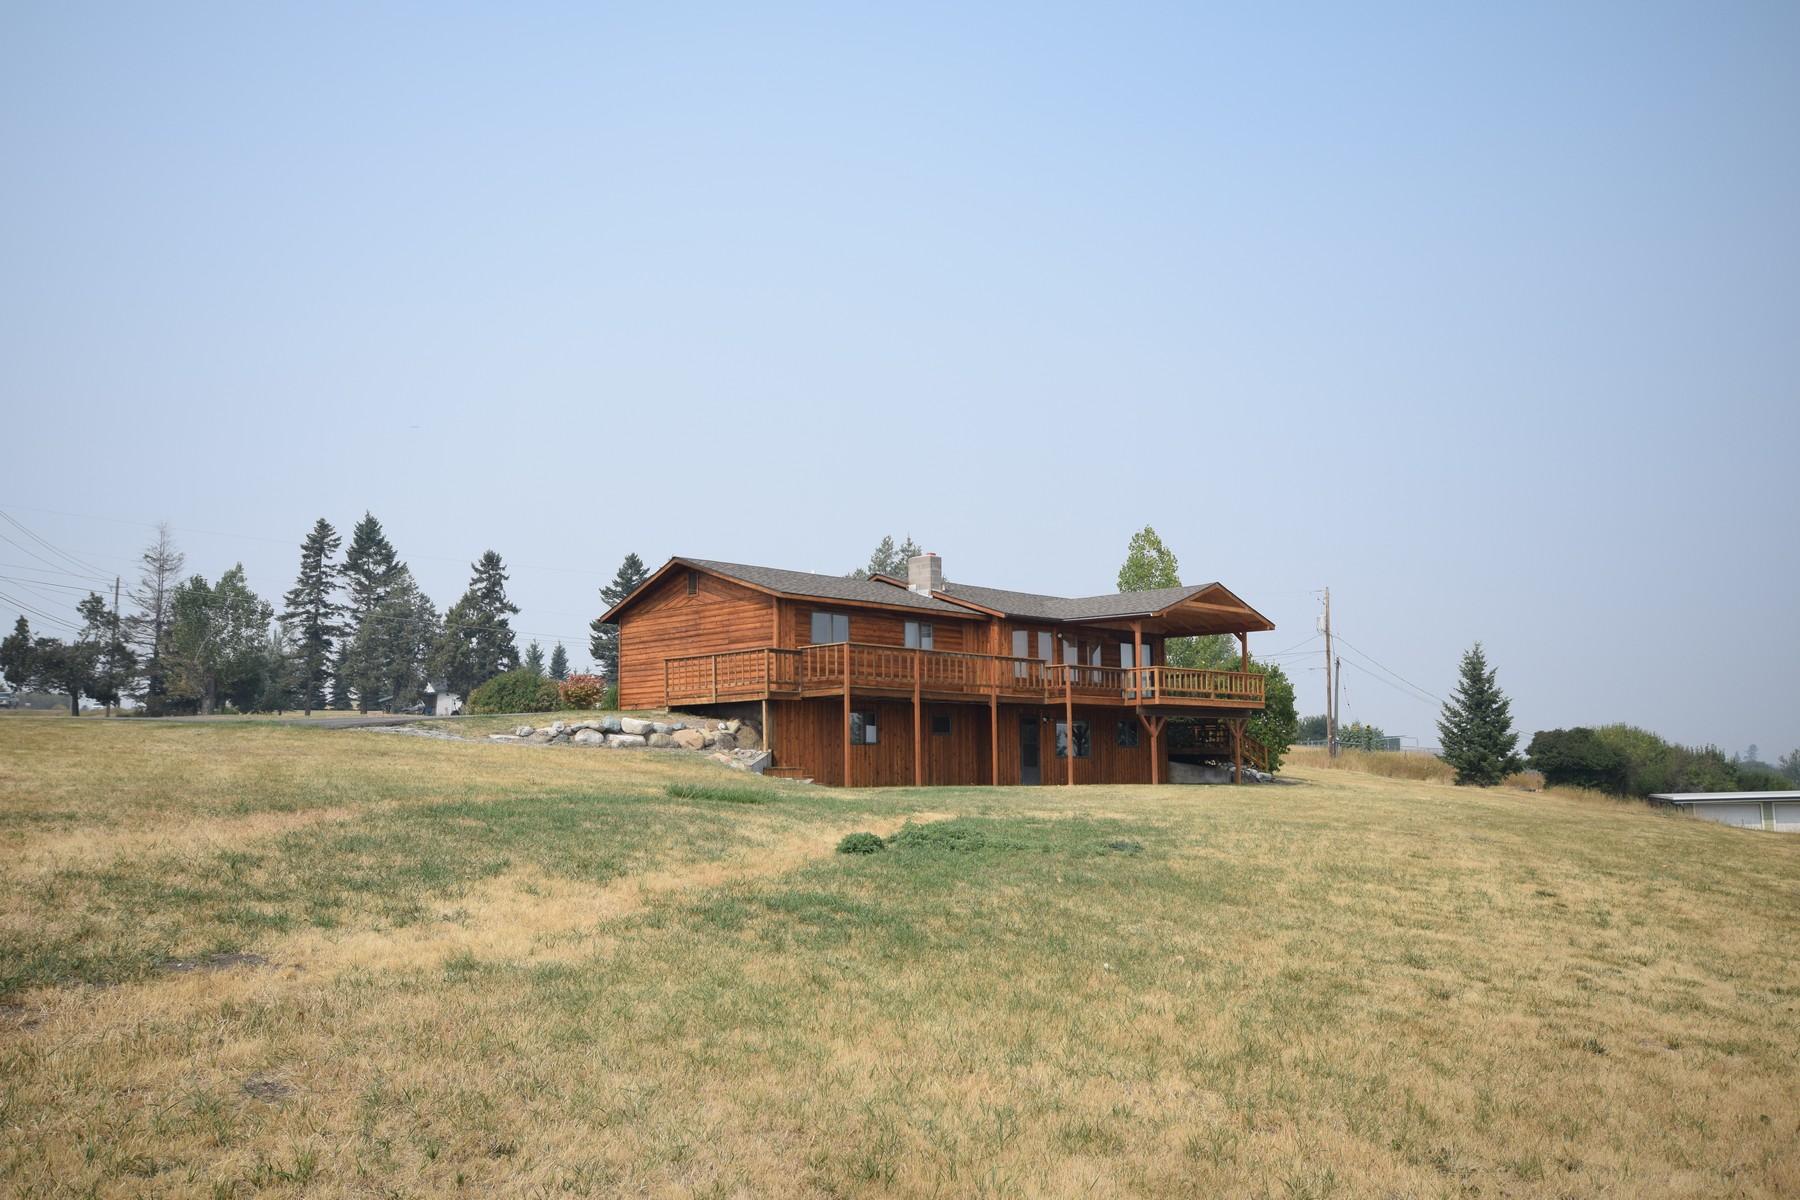 一戸建て のために 売買 アット Country living close to town 1585 Hwy 2 West Kalispell, モンタナ 59901 アメリカ合衆国